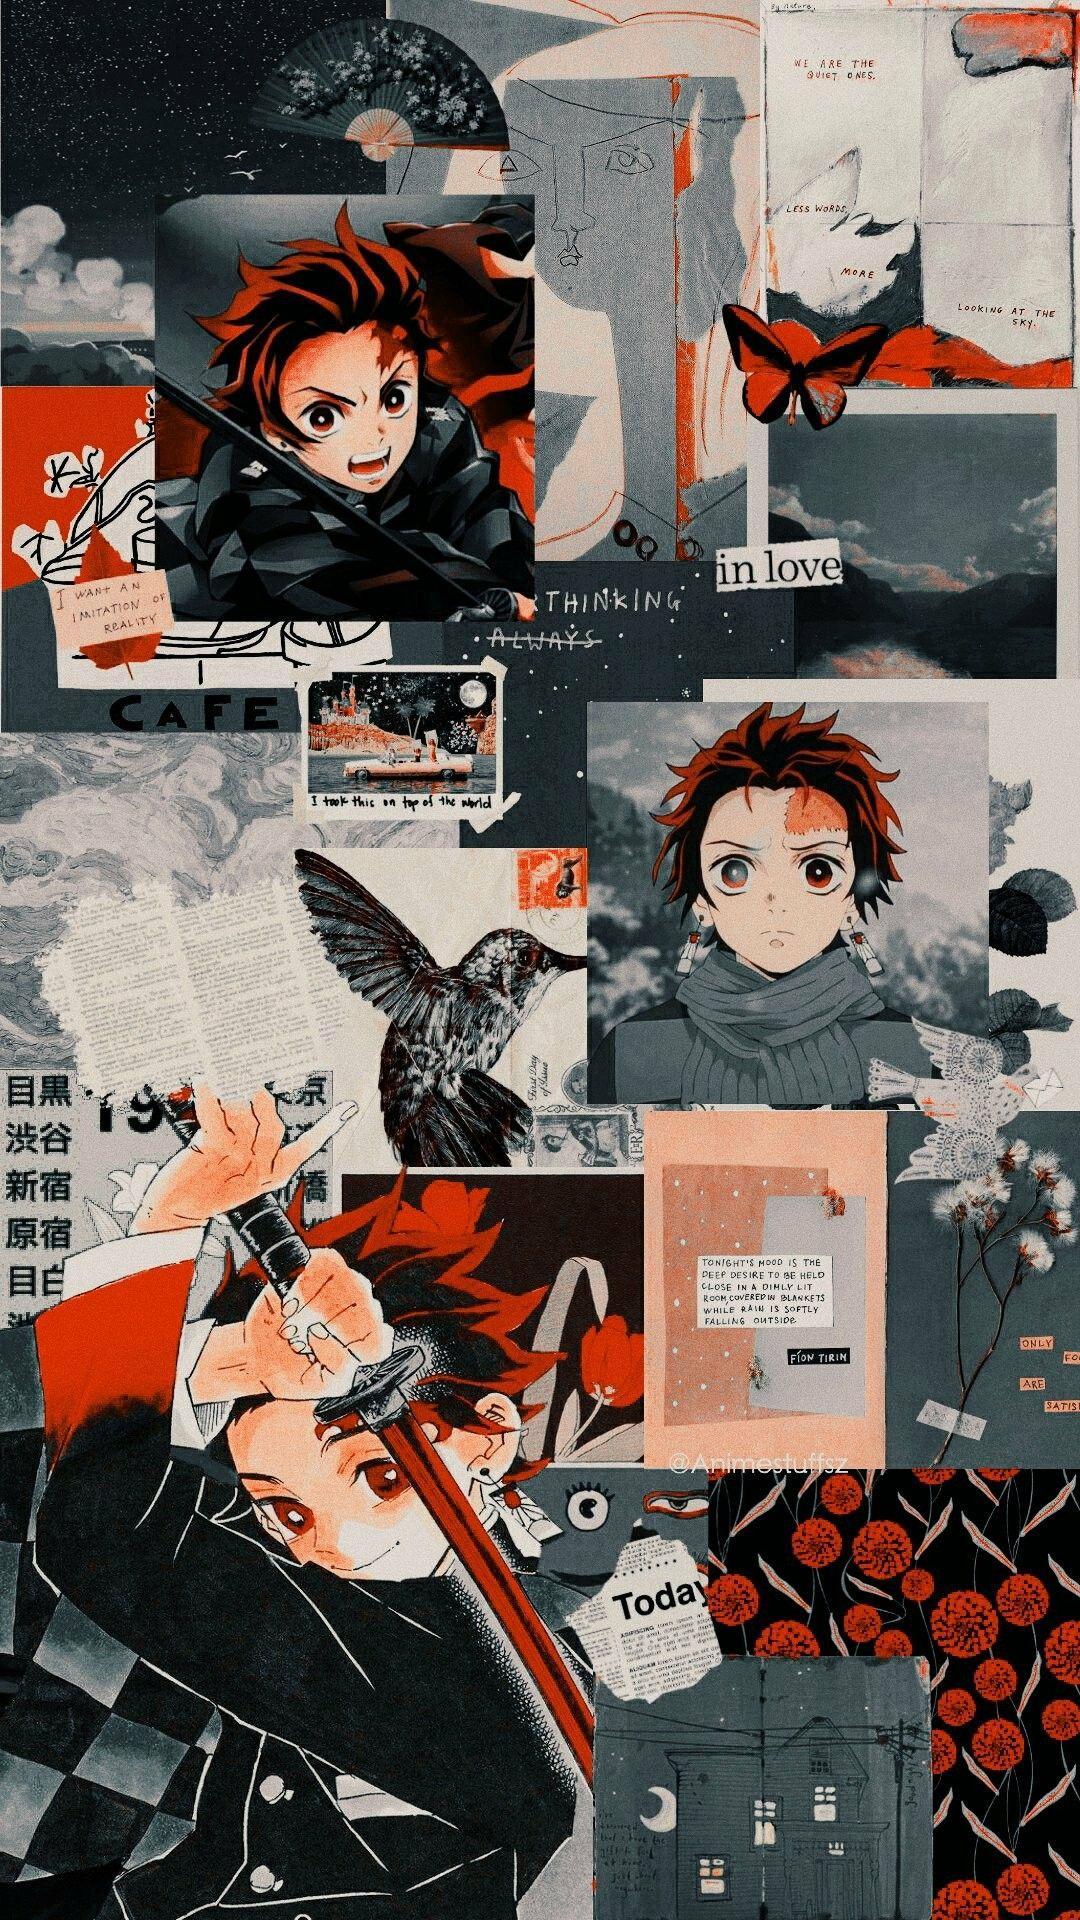 Best Anime Backgrounds Wallpaper Engine : anime, backgrounds, wallpaper, engine, Anime, Wallpaper, Engine, Demon, Slayer, Background, Doraemon